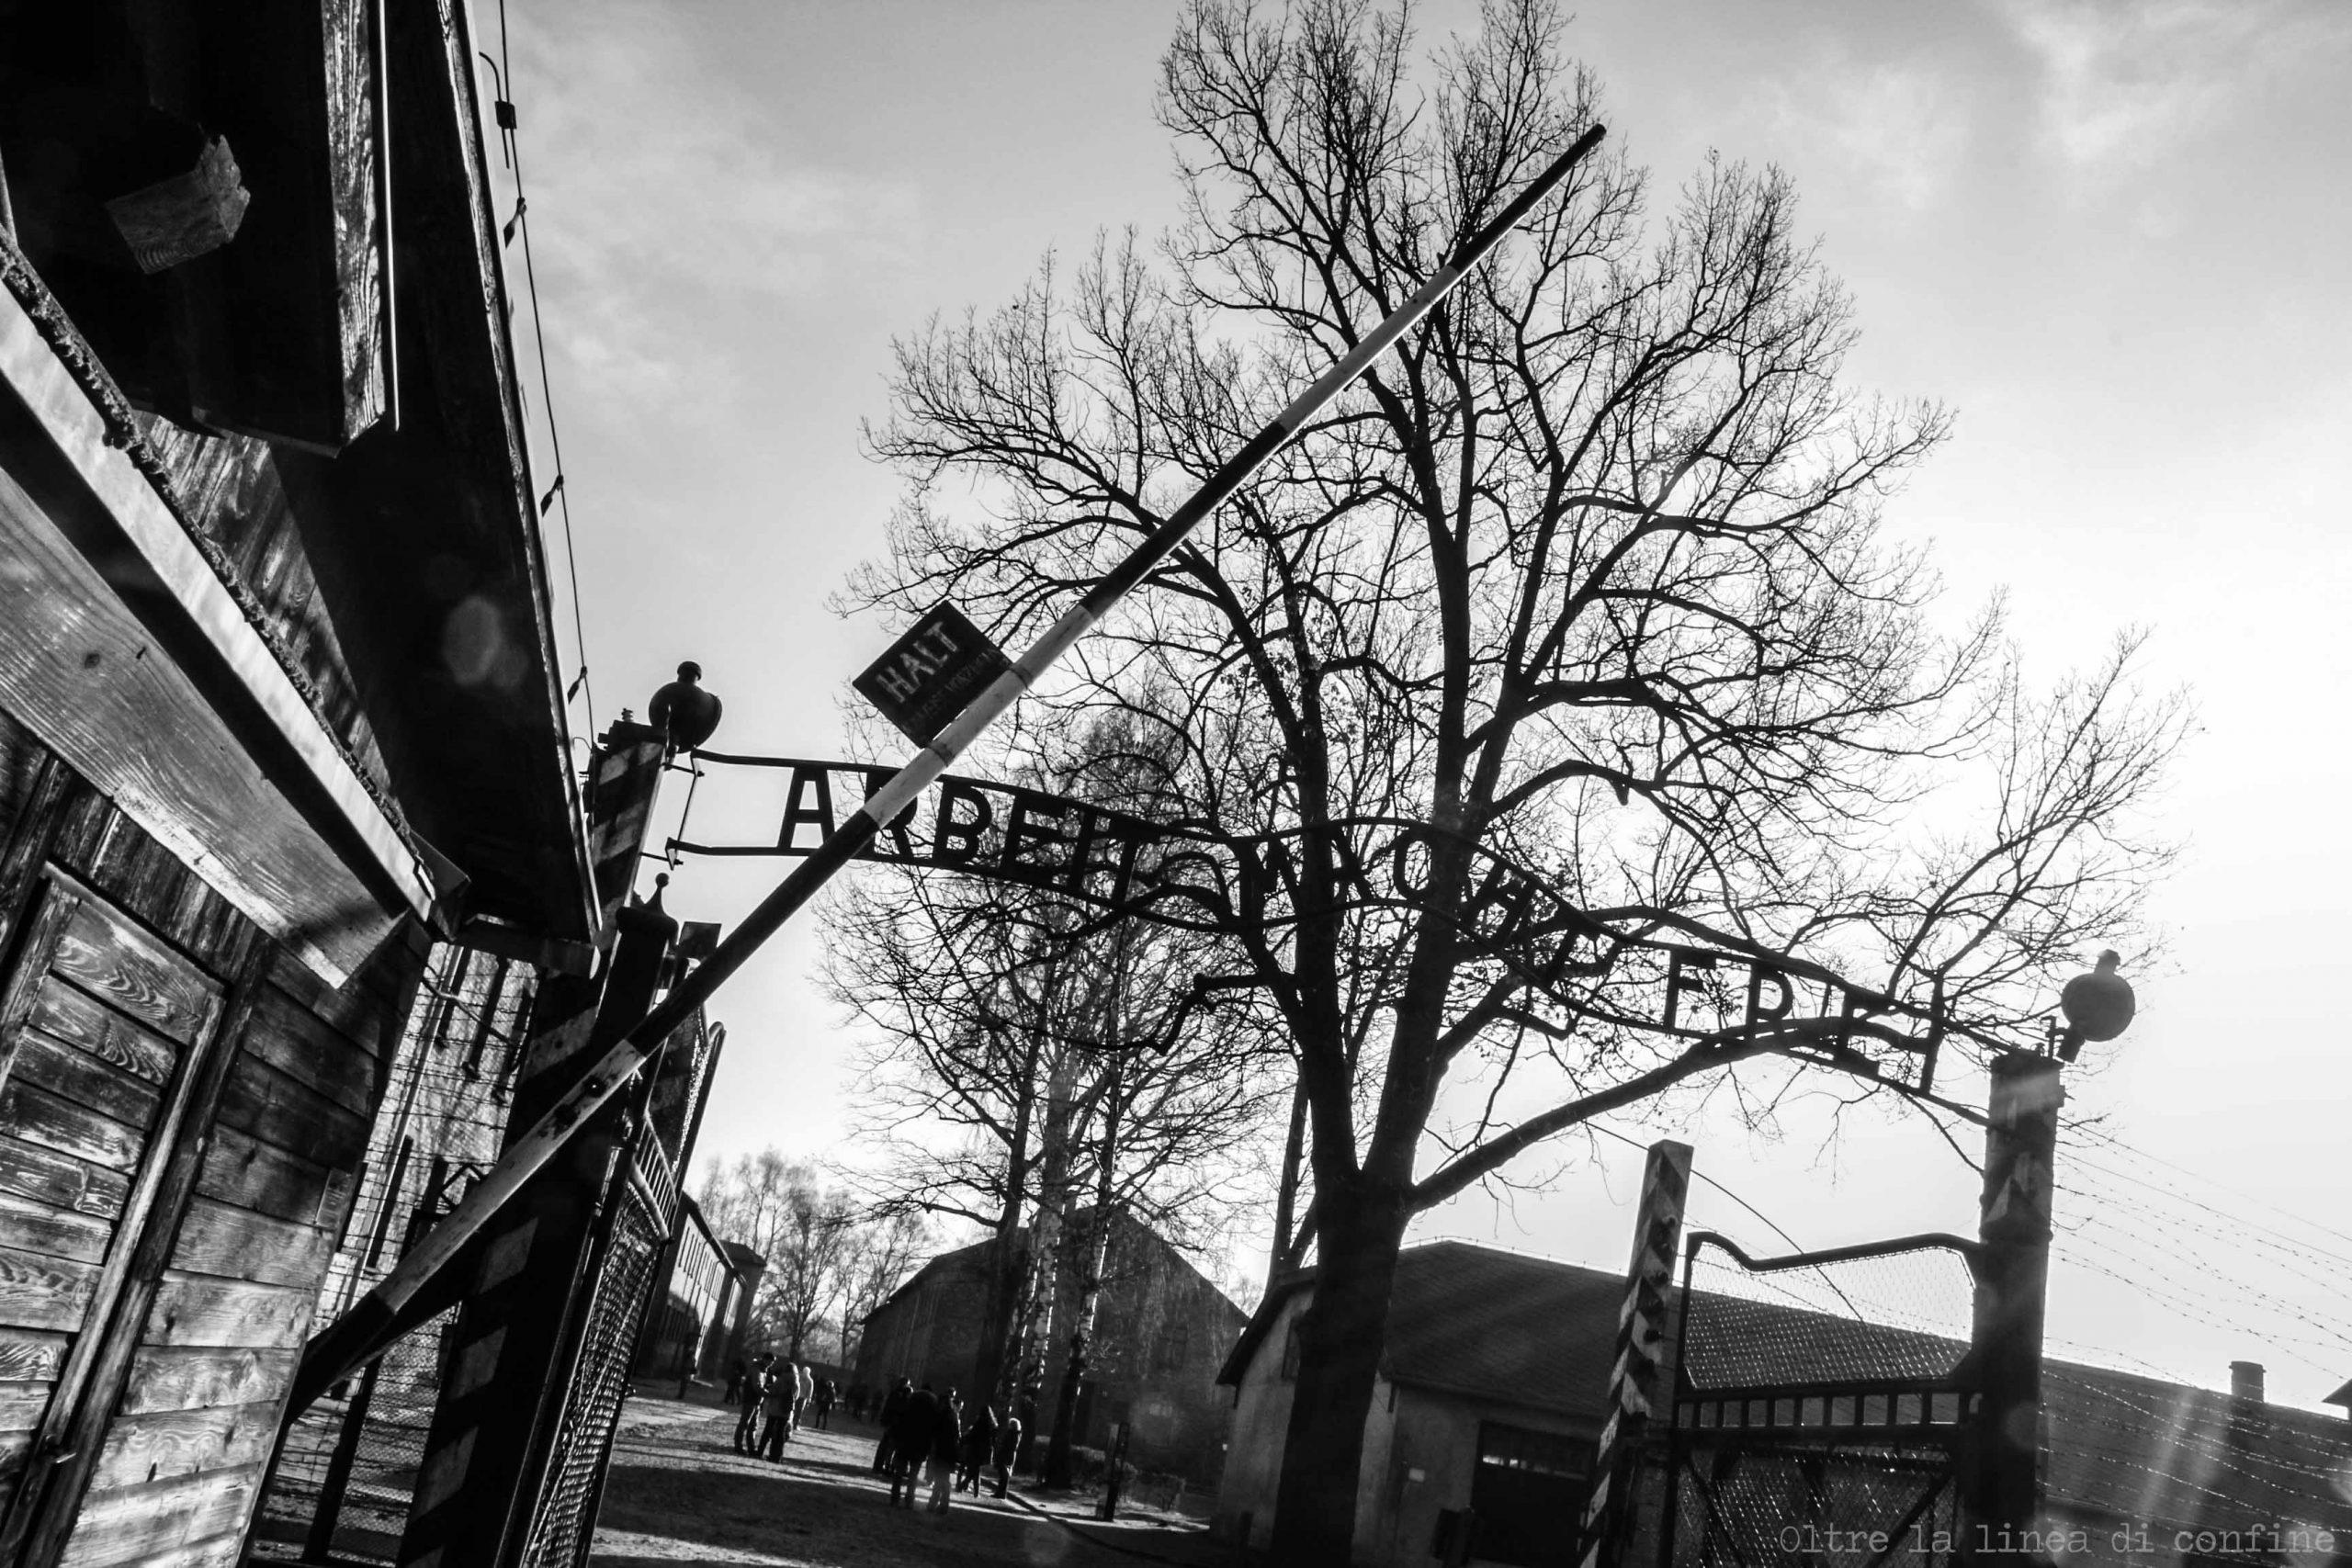 Scritta Cancello Auschwitz Guida alla Visita del Campo di Concentramento